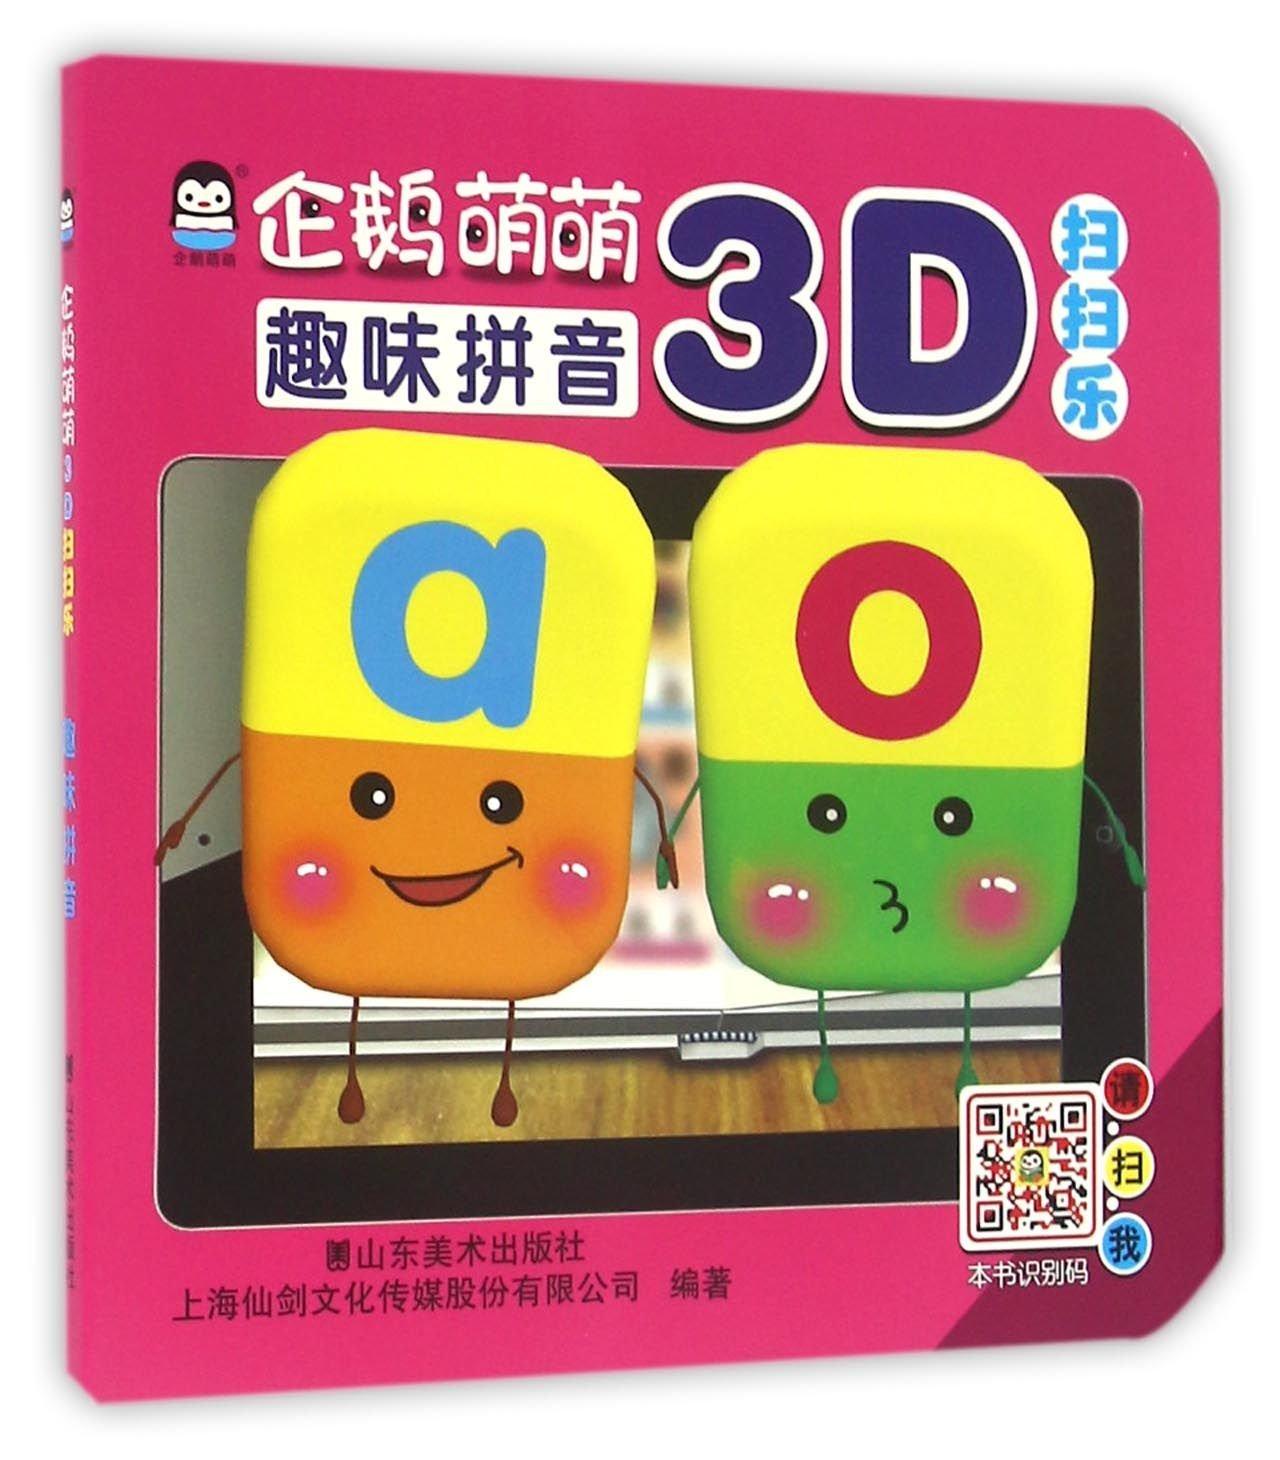 企鹅萌萌3D扫扫乐(趣味拼音) pdf